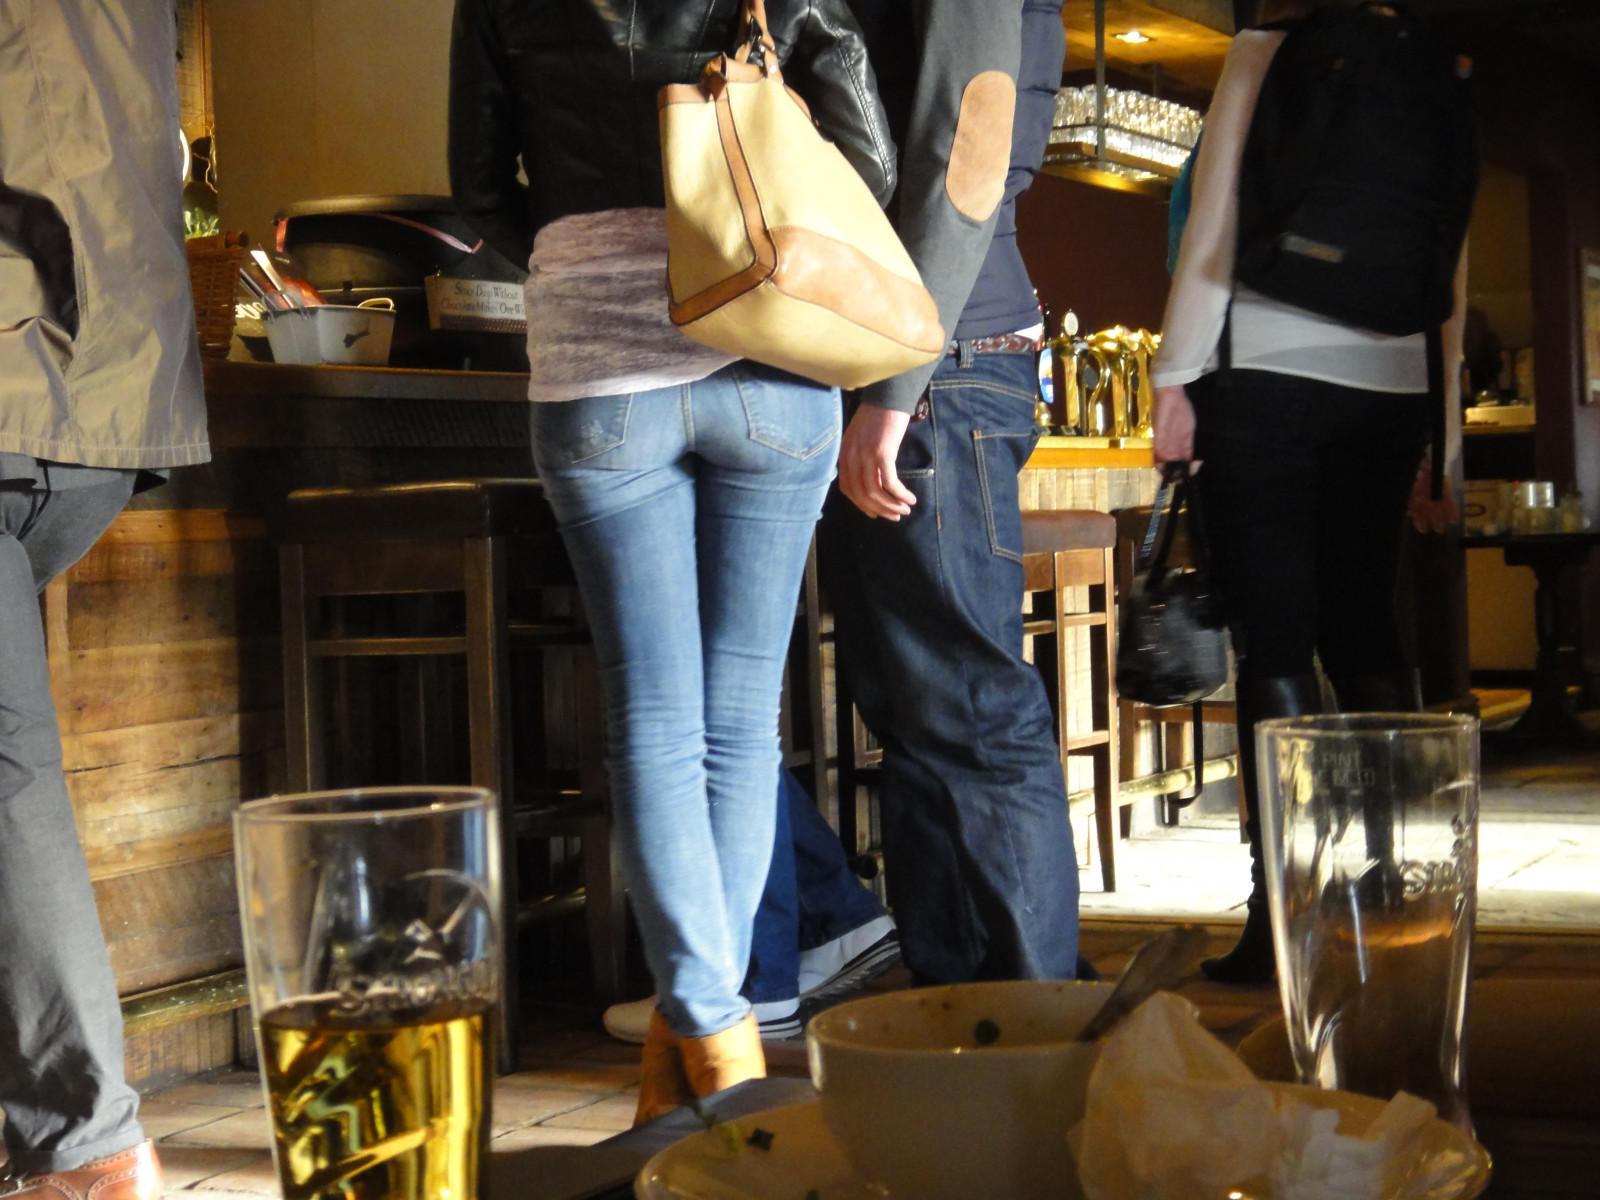 Fondos De Pantalla Hermosa Cuero Bar Bonito Pub Brighton Botas Sincero Fondo Impertinente Estupendo Muslos Redondo Mezclilla Bolso Mujer Joven Buen Culo Devilsdyke Pinturas Argot De Rima Pantalones Vaqueros Botella Y